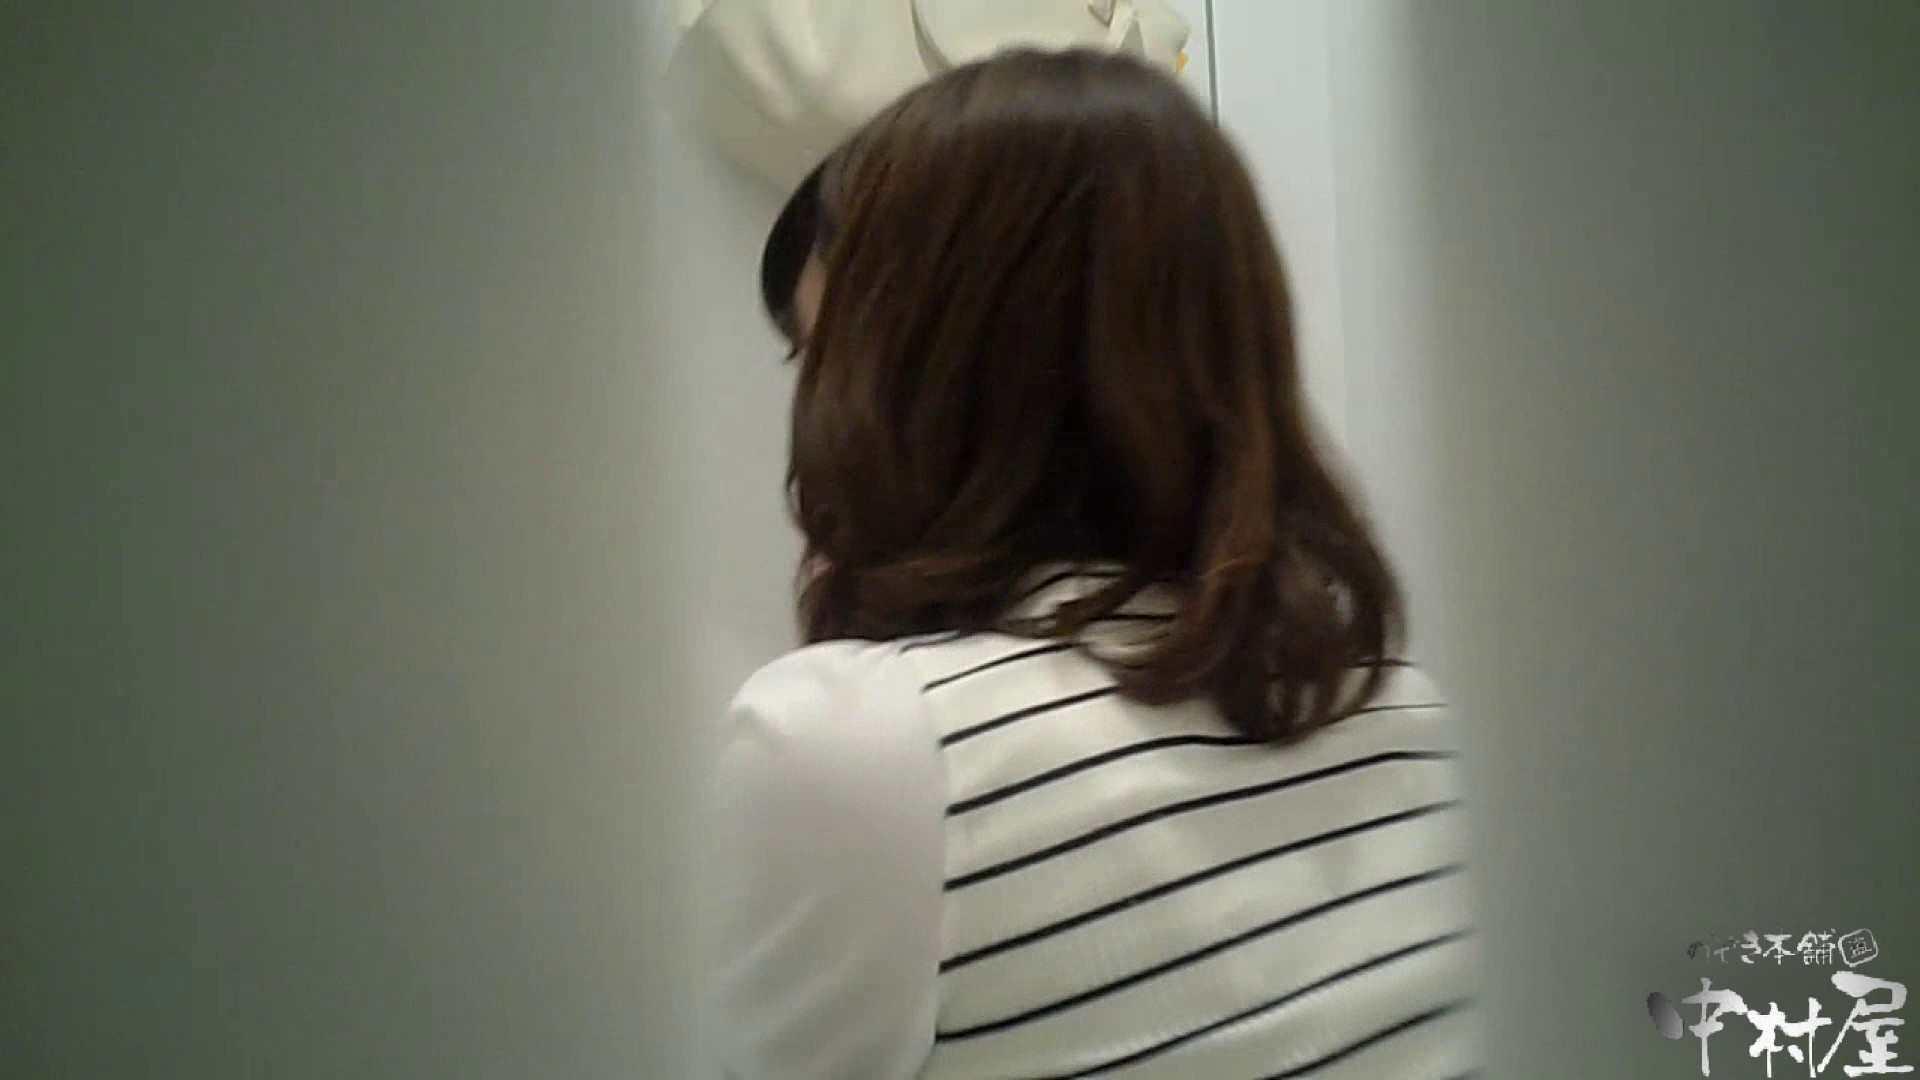 【某有名大学女性洗面所】有名大学女性洗面所 vol.37 ついでにアンダーヘアーの状態確認ですね。 OL  48連発 48